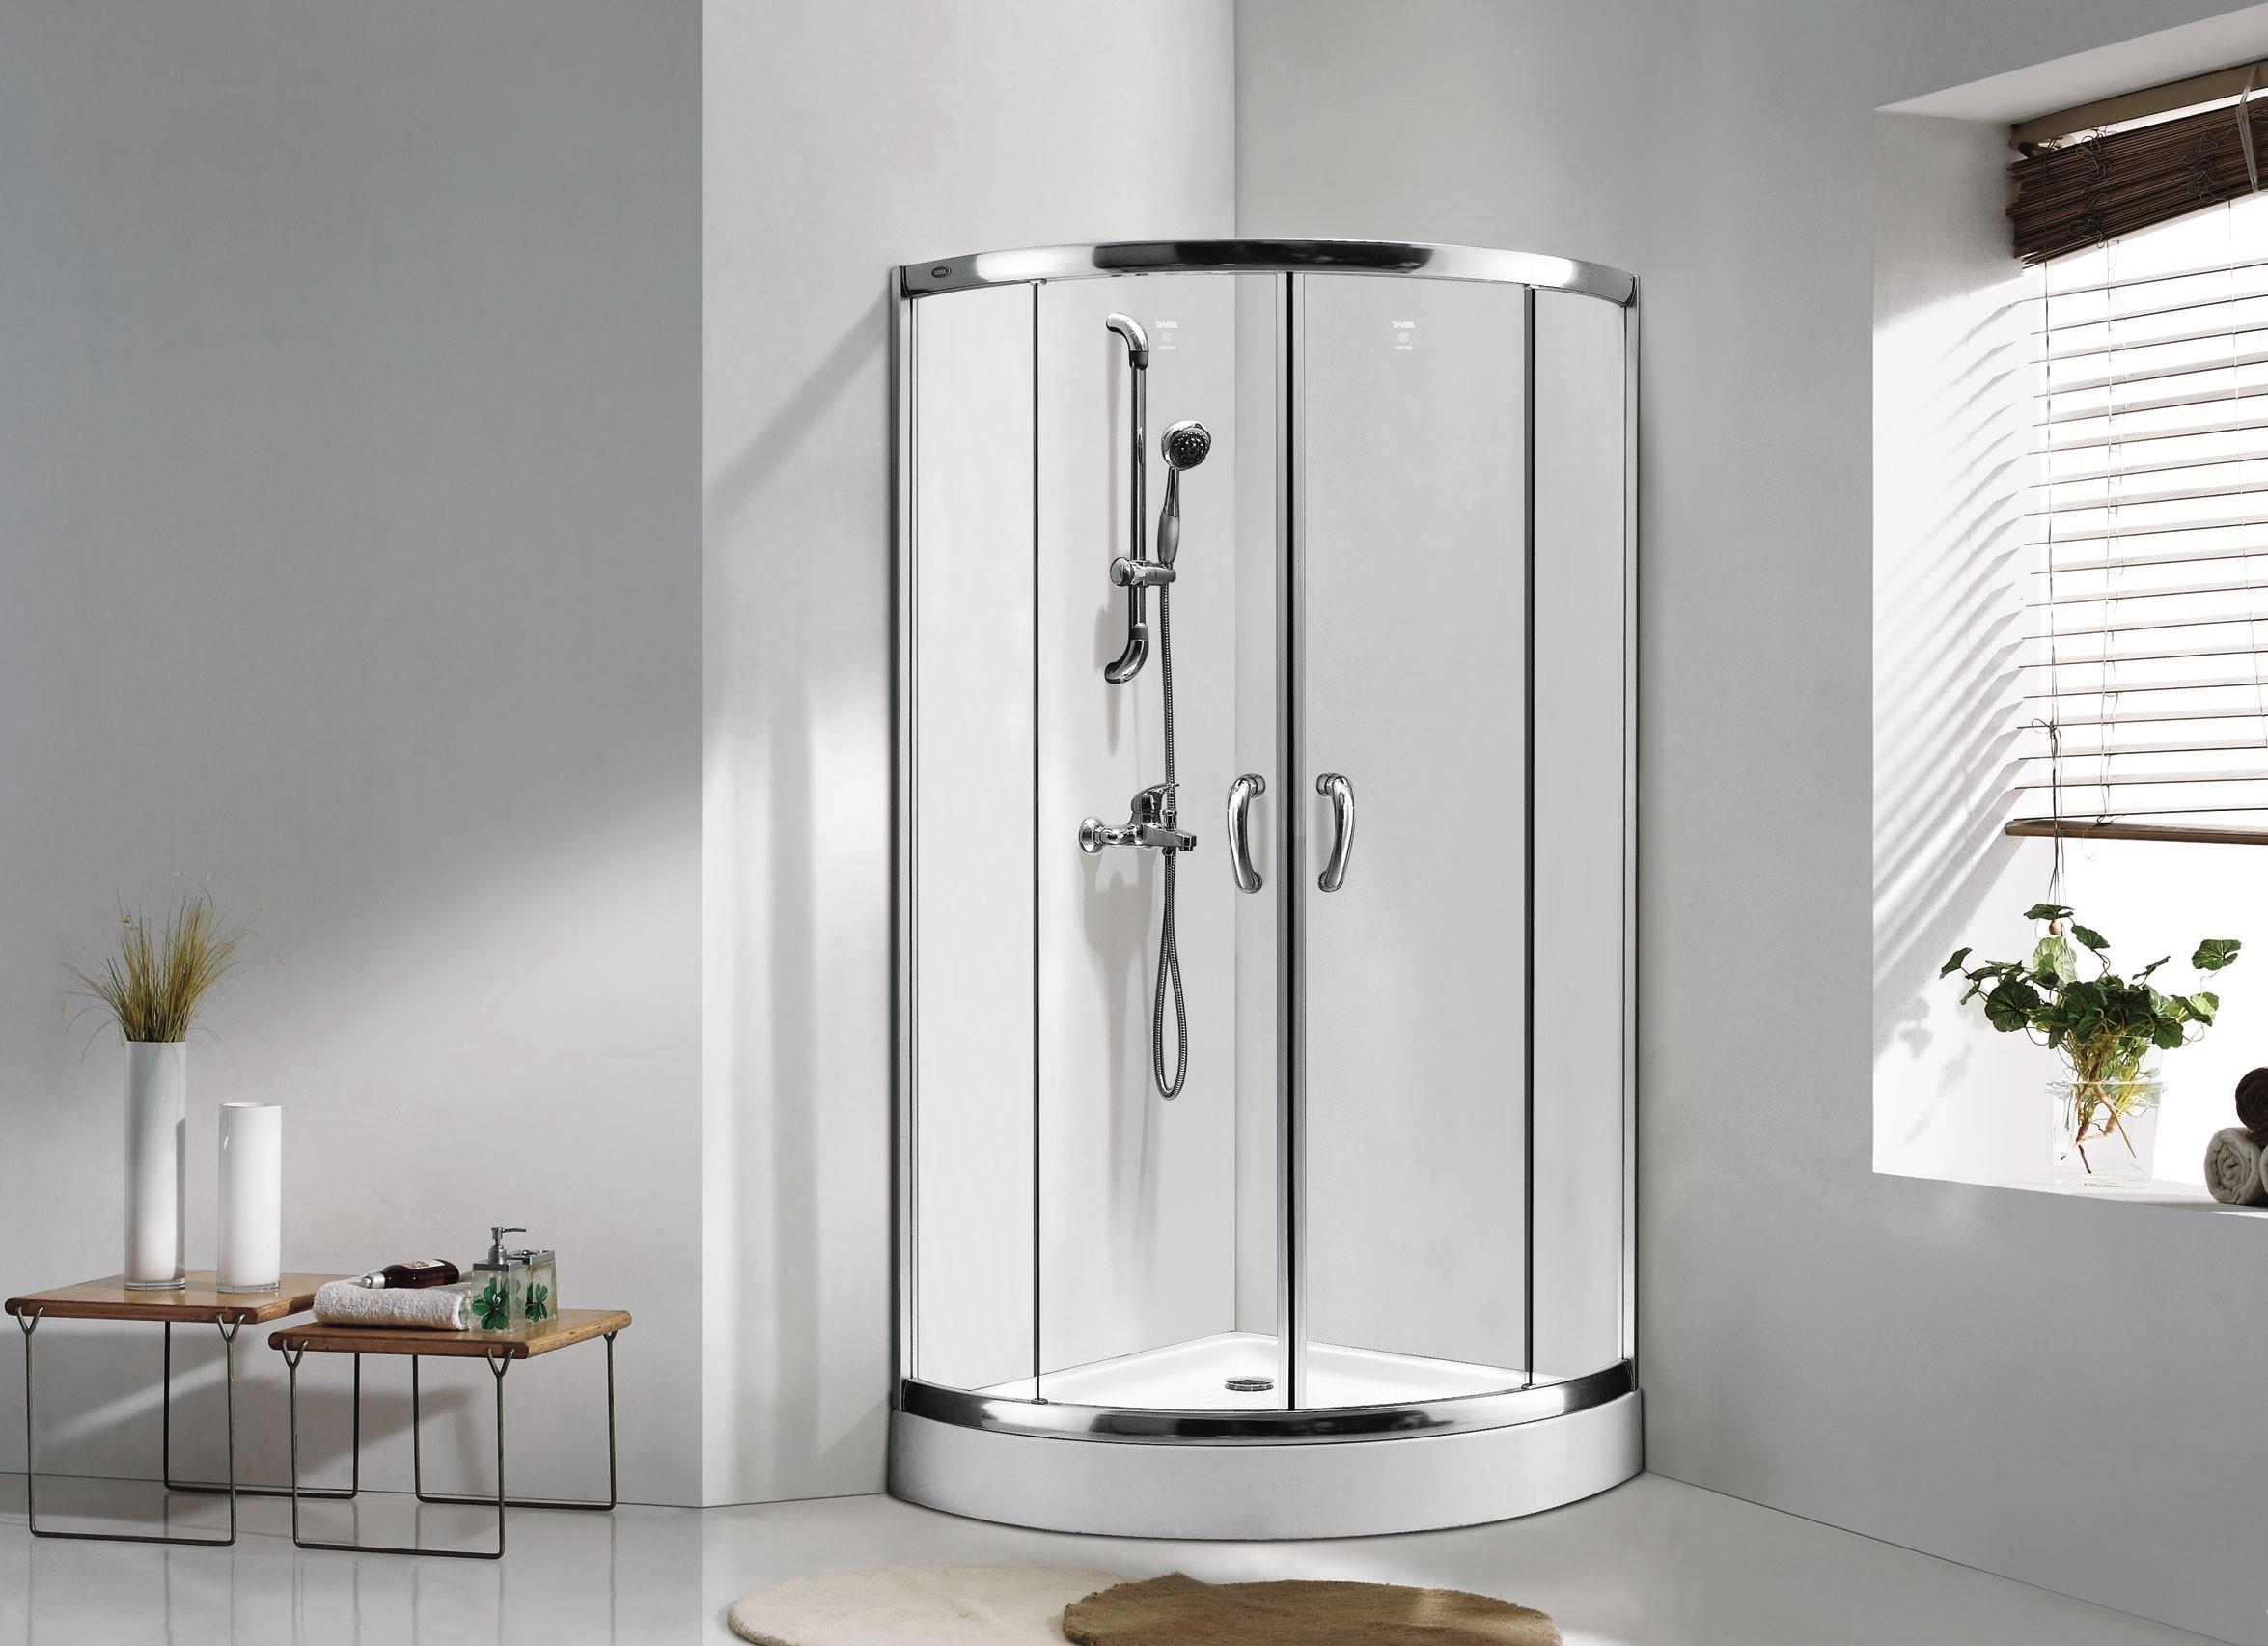 加枫淋浴房的特点 怎样安装加枫淋浴房